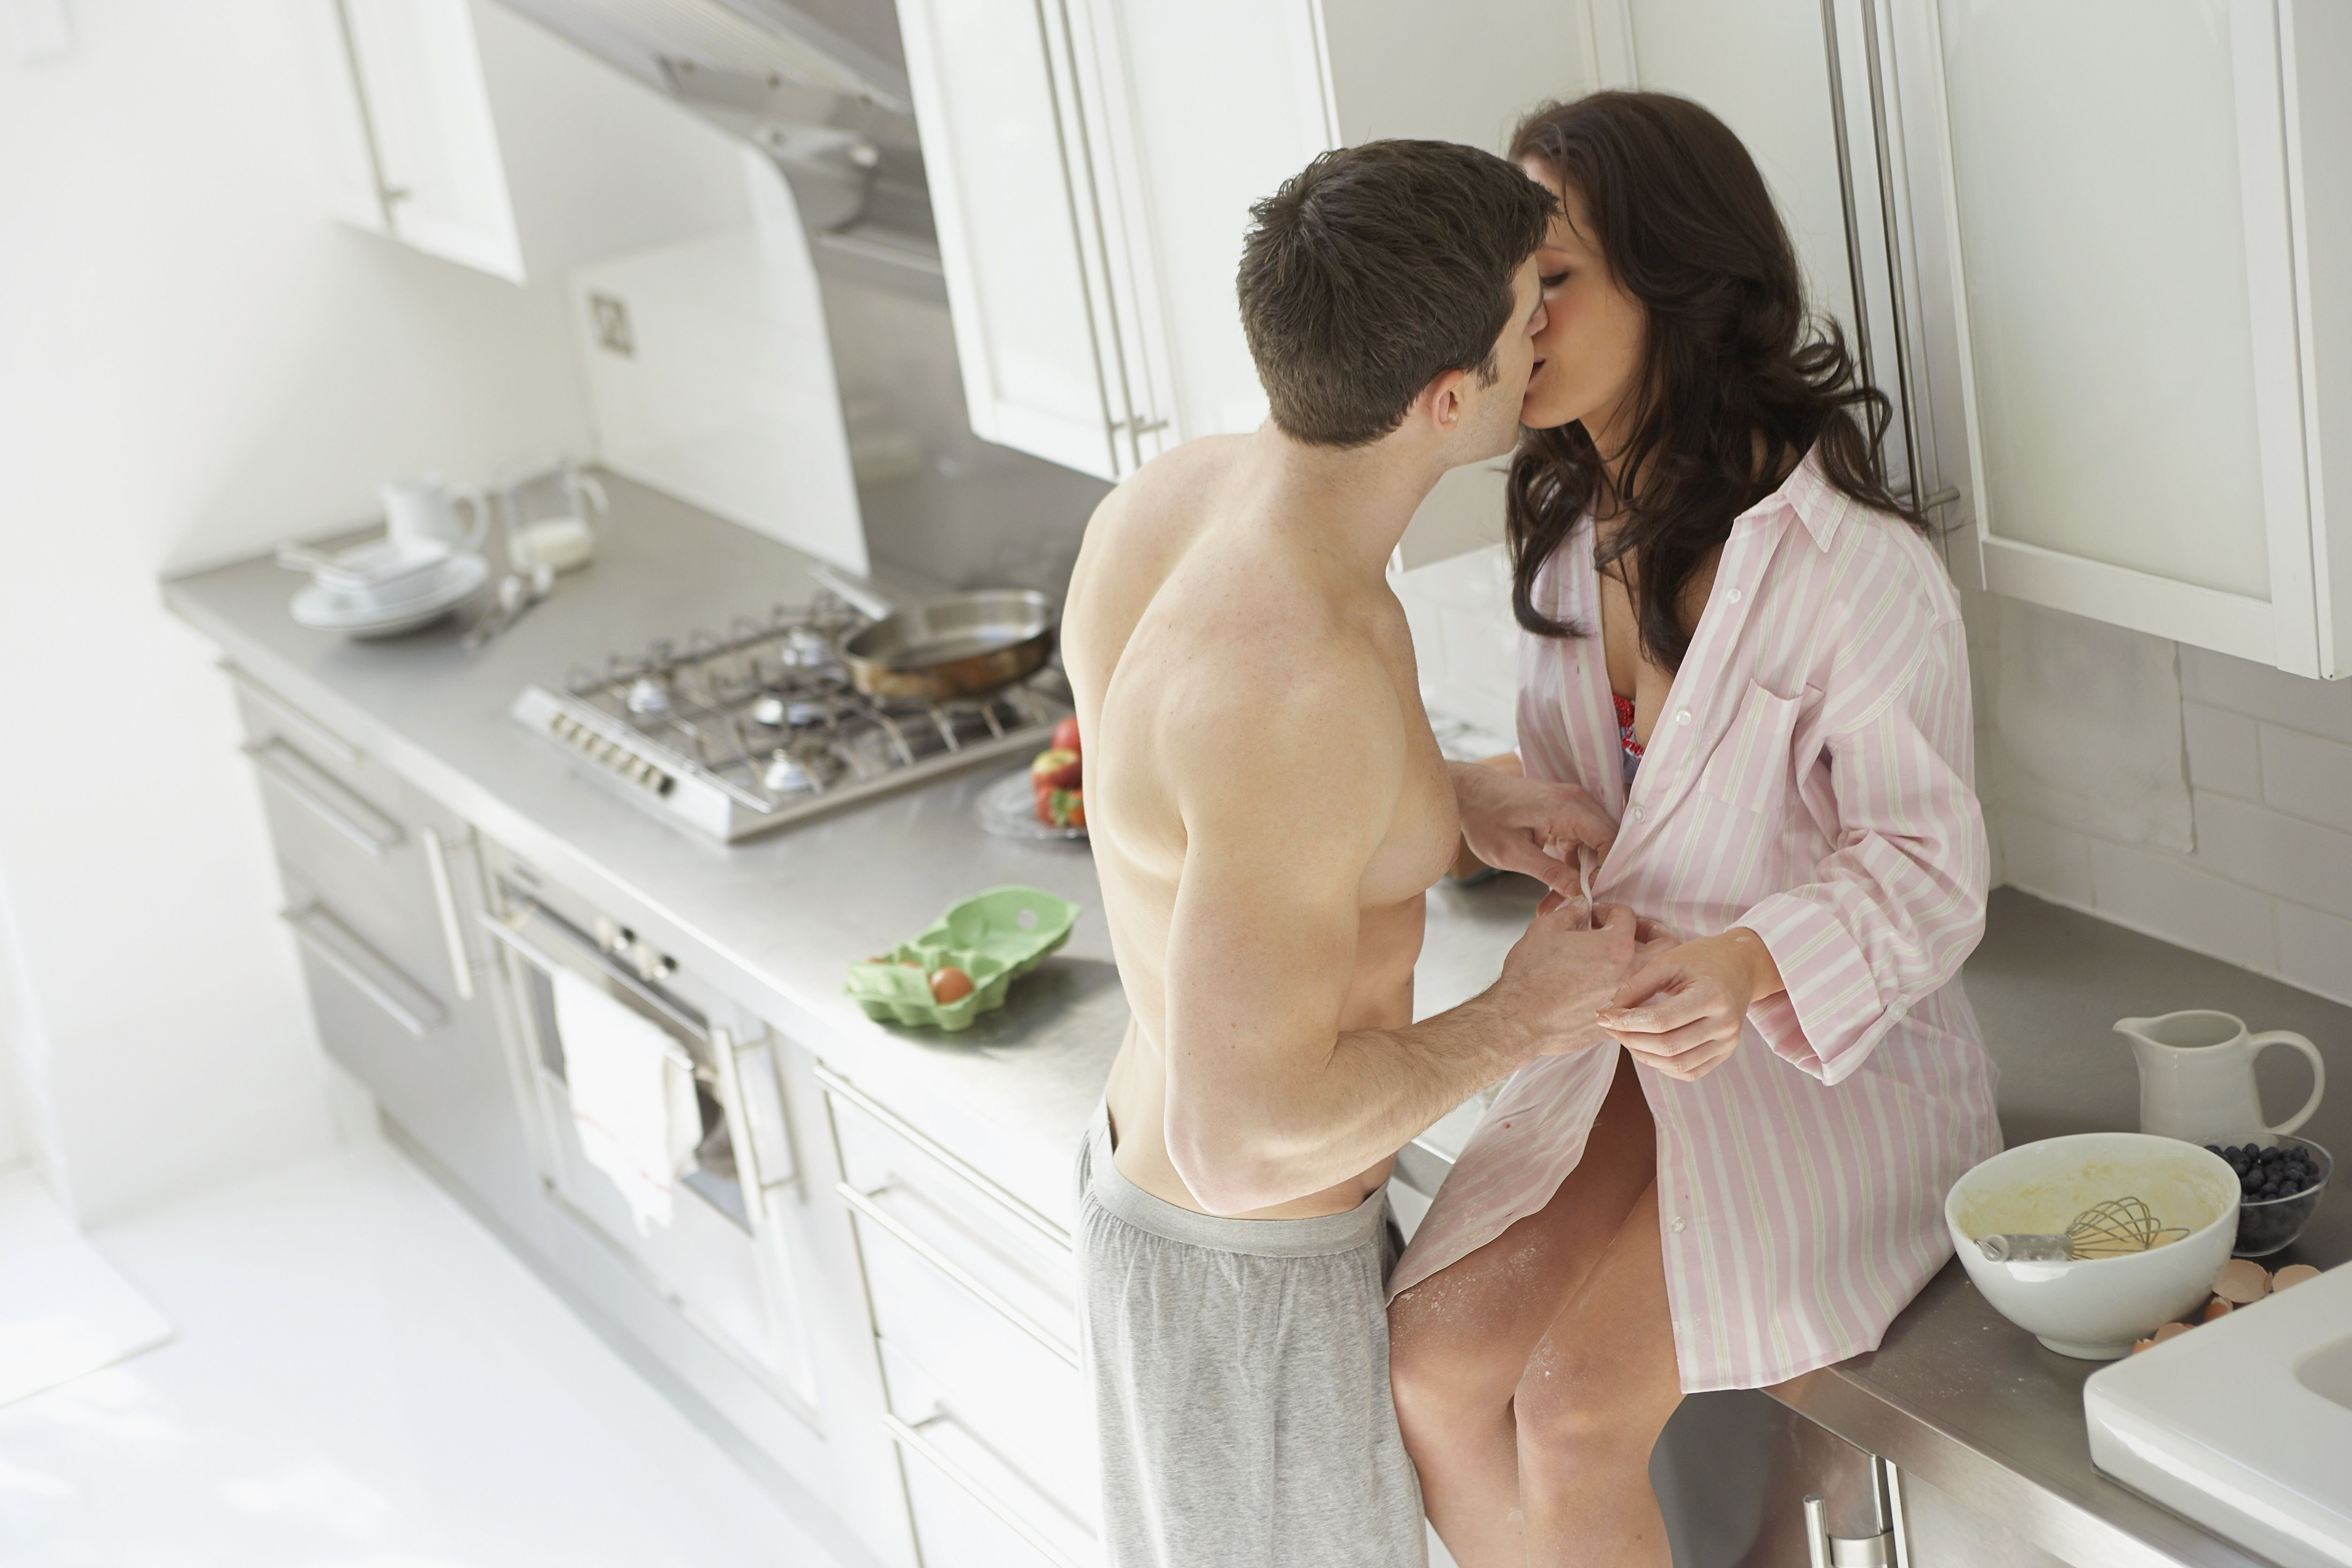 Seks op de keukentafel